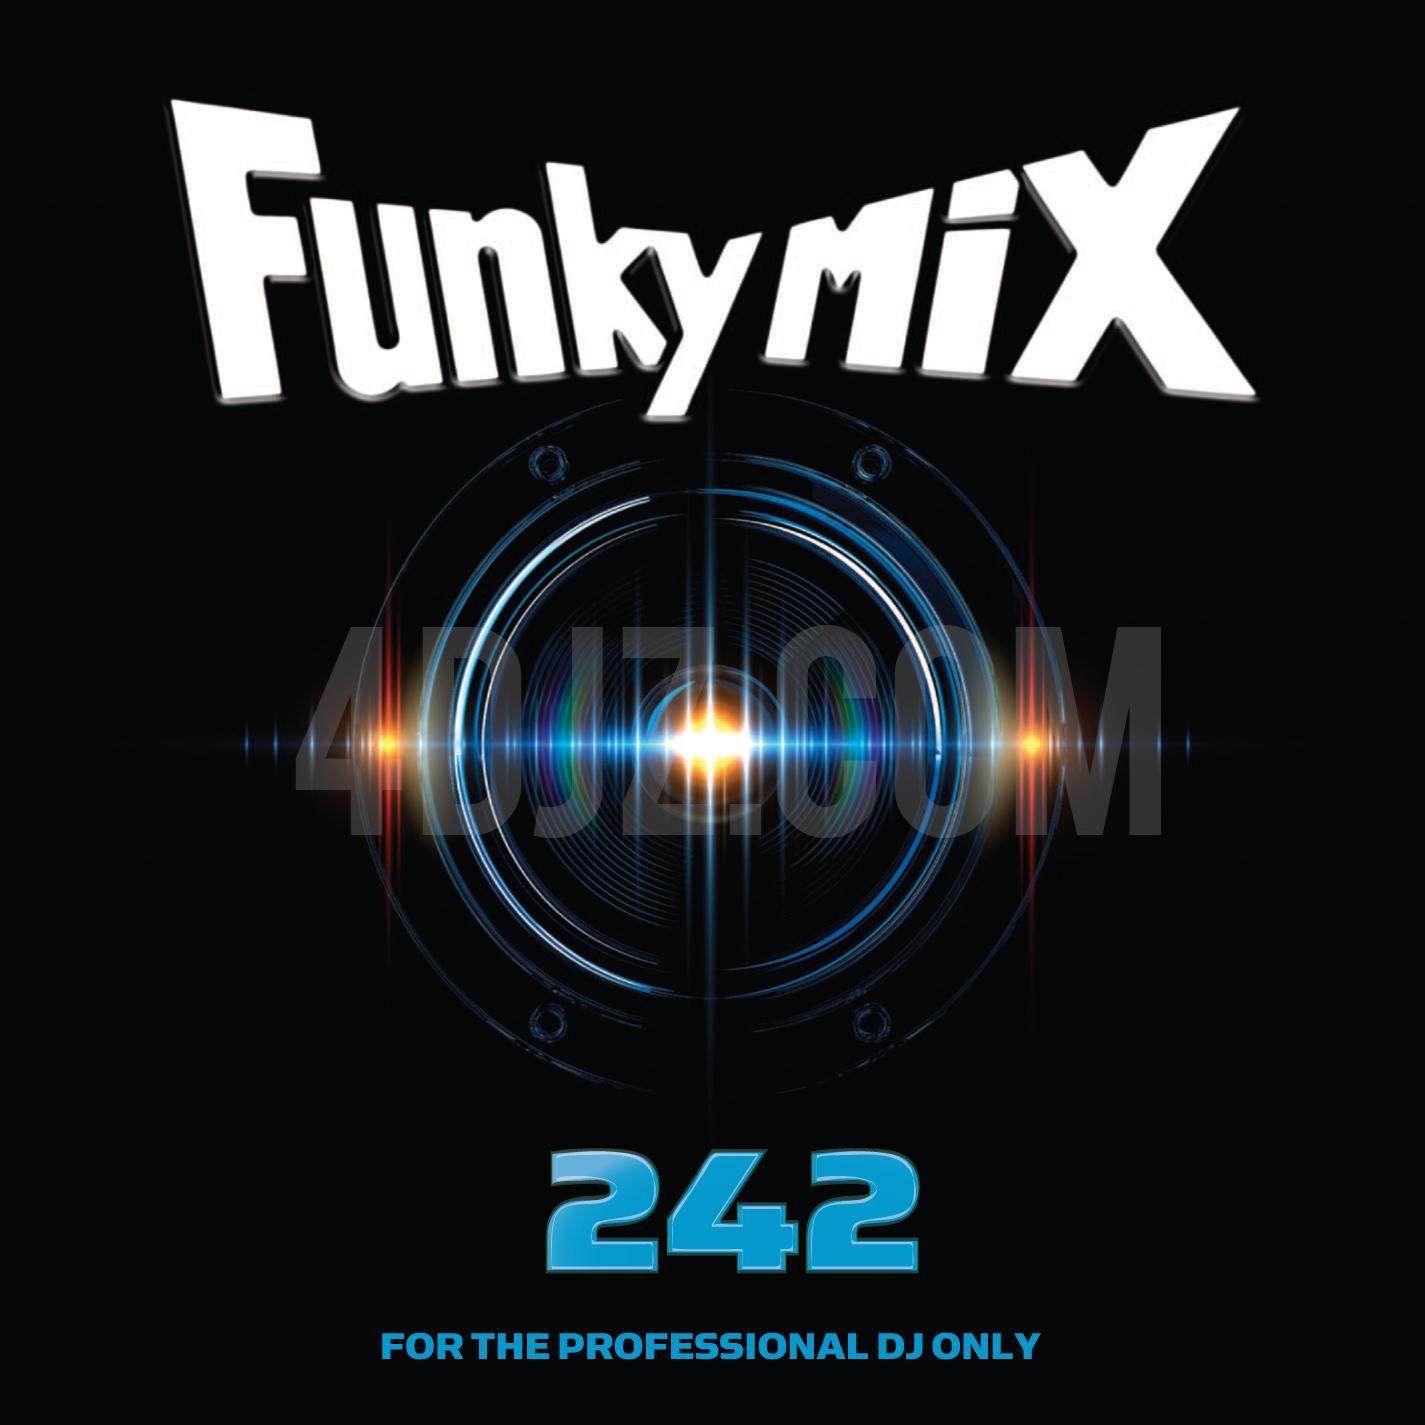 Funkymix 242